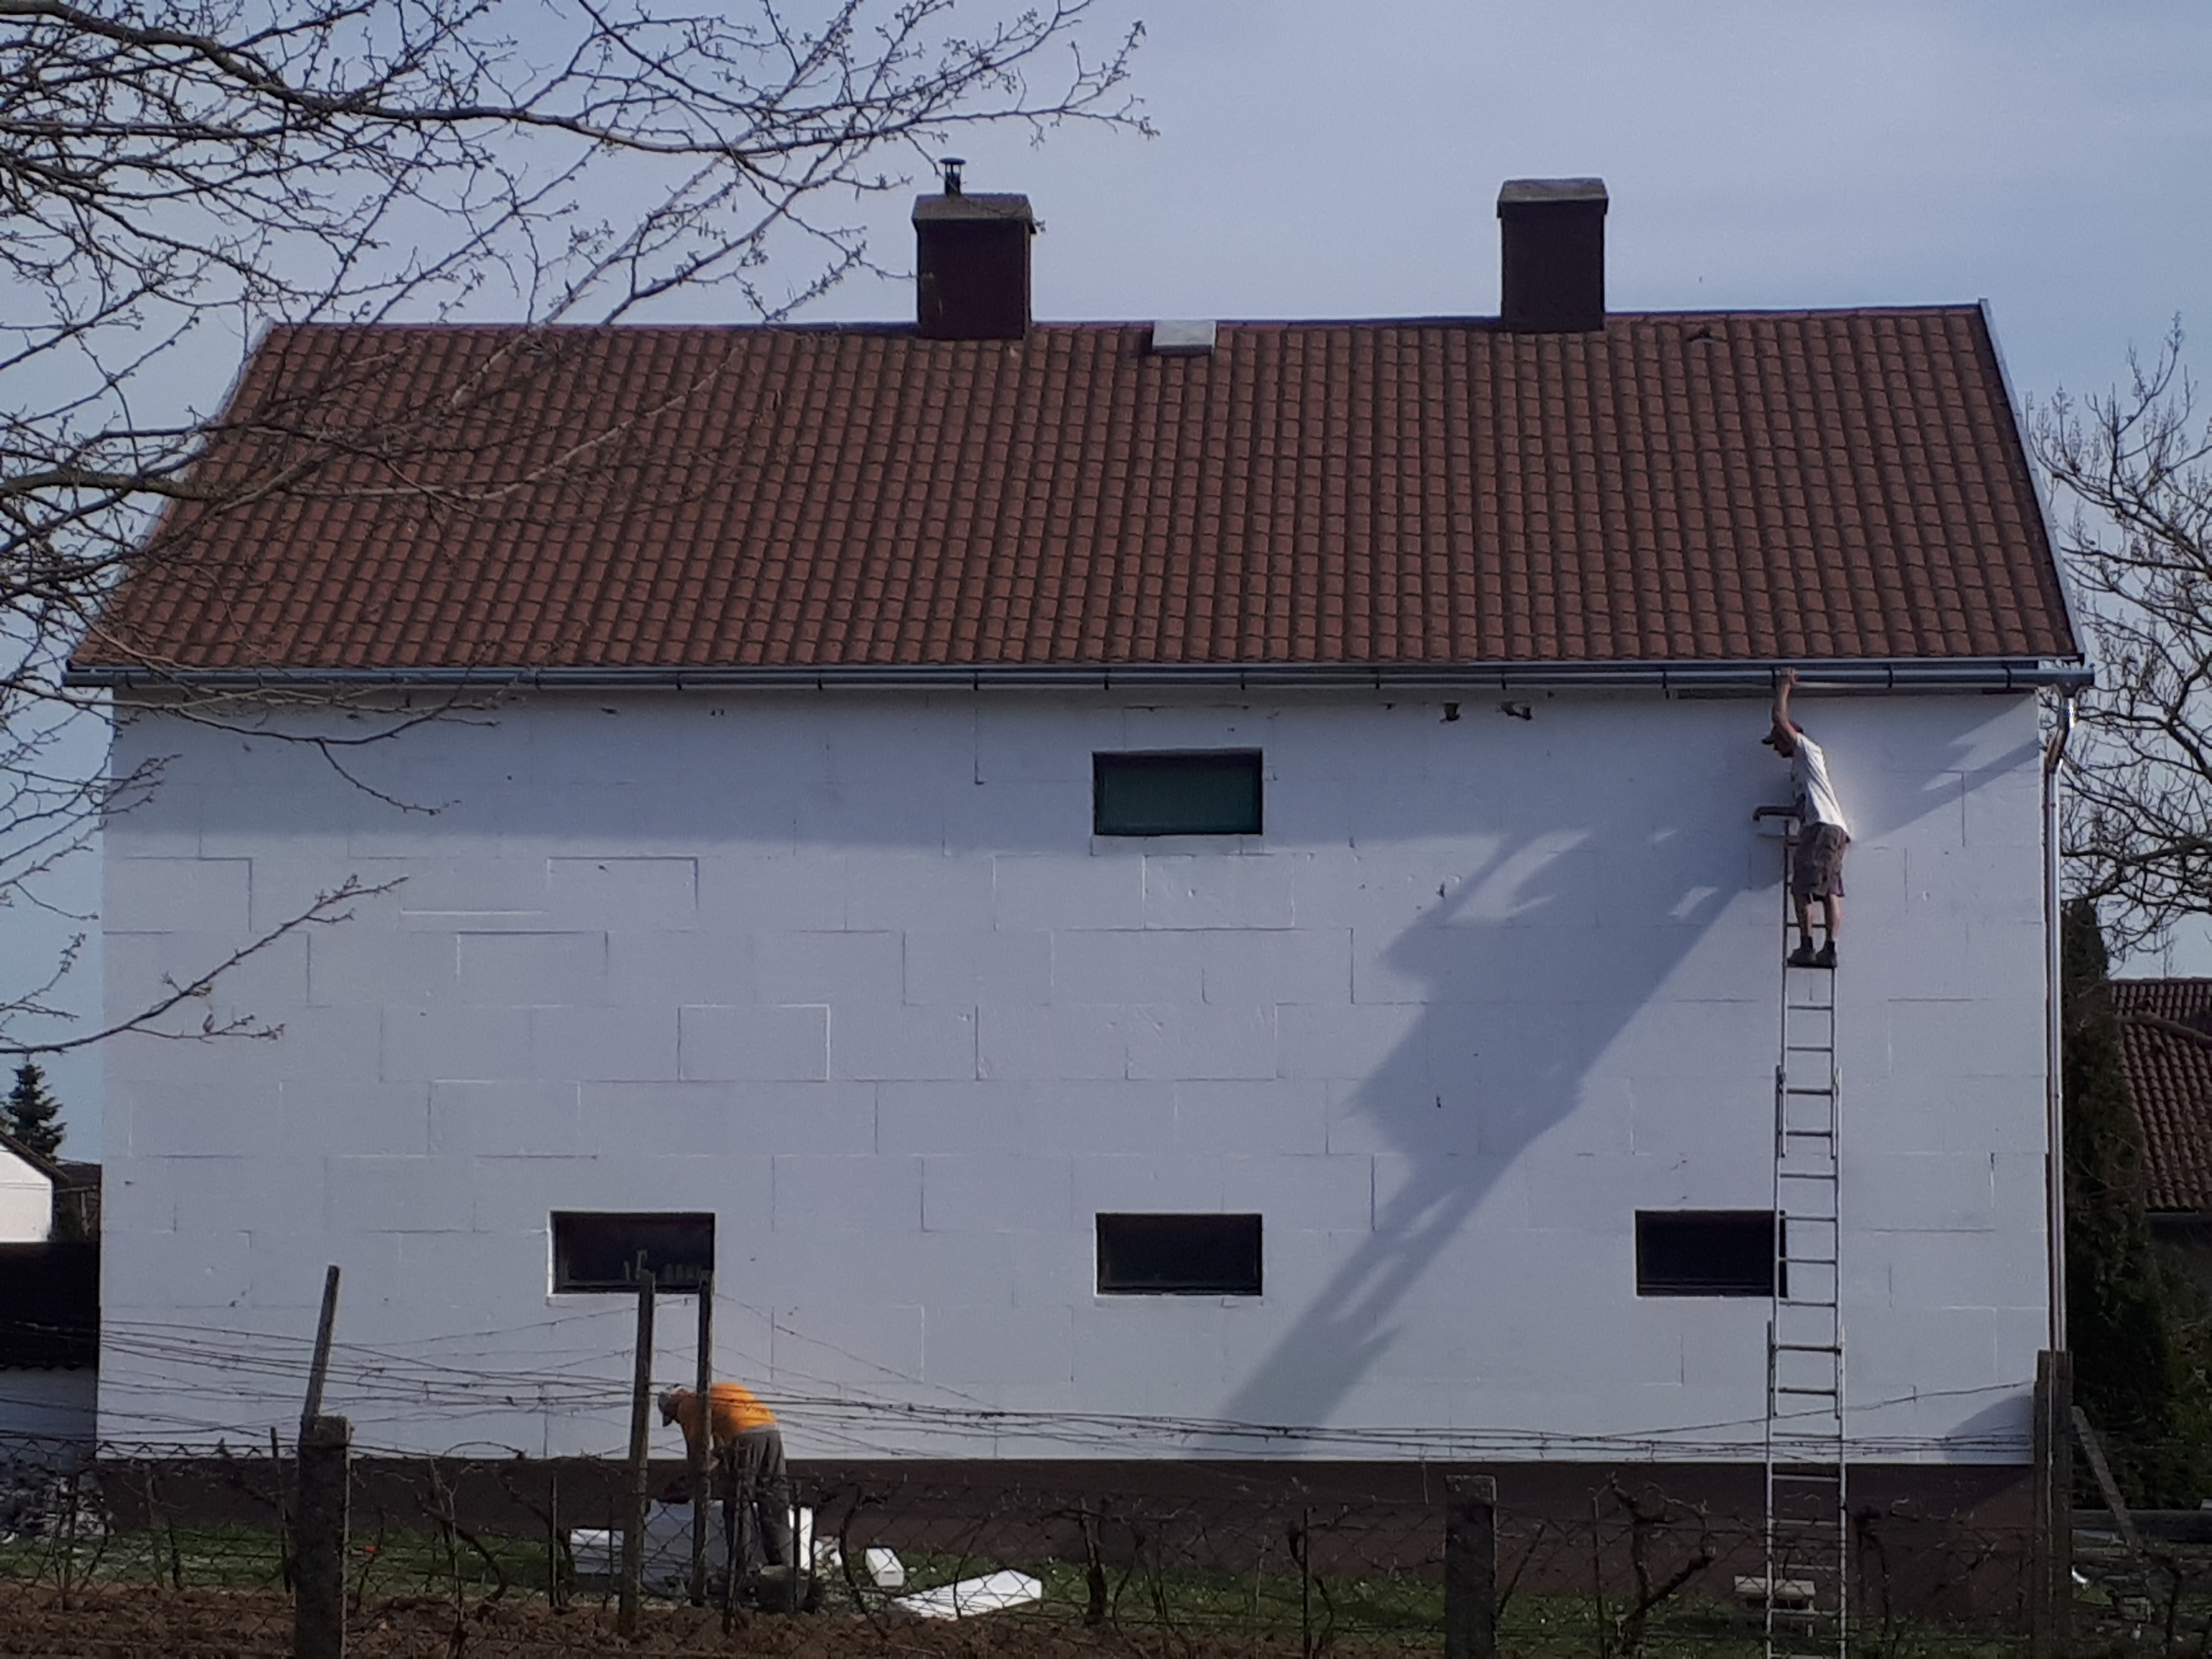 Palatető felújítás Somogybükkösd, palatető szigetelés SomogybükkösdCsaládi ház palatető felújítása